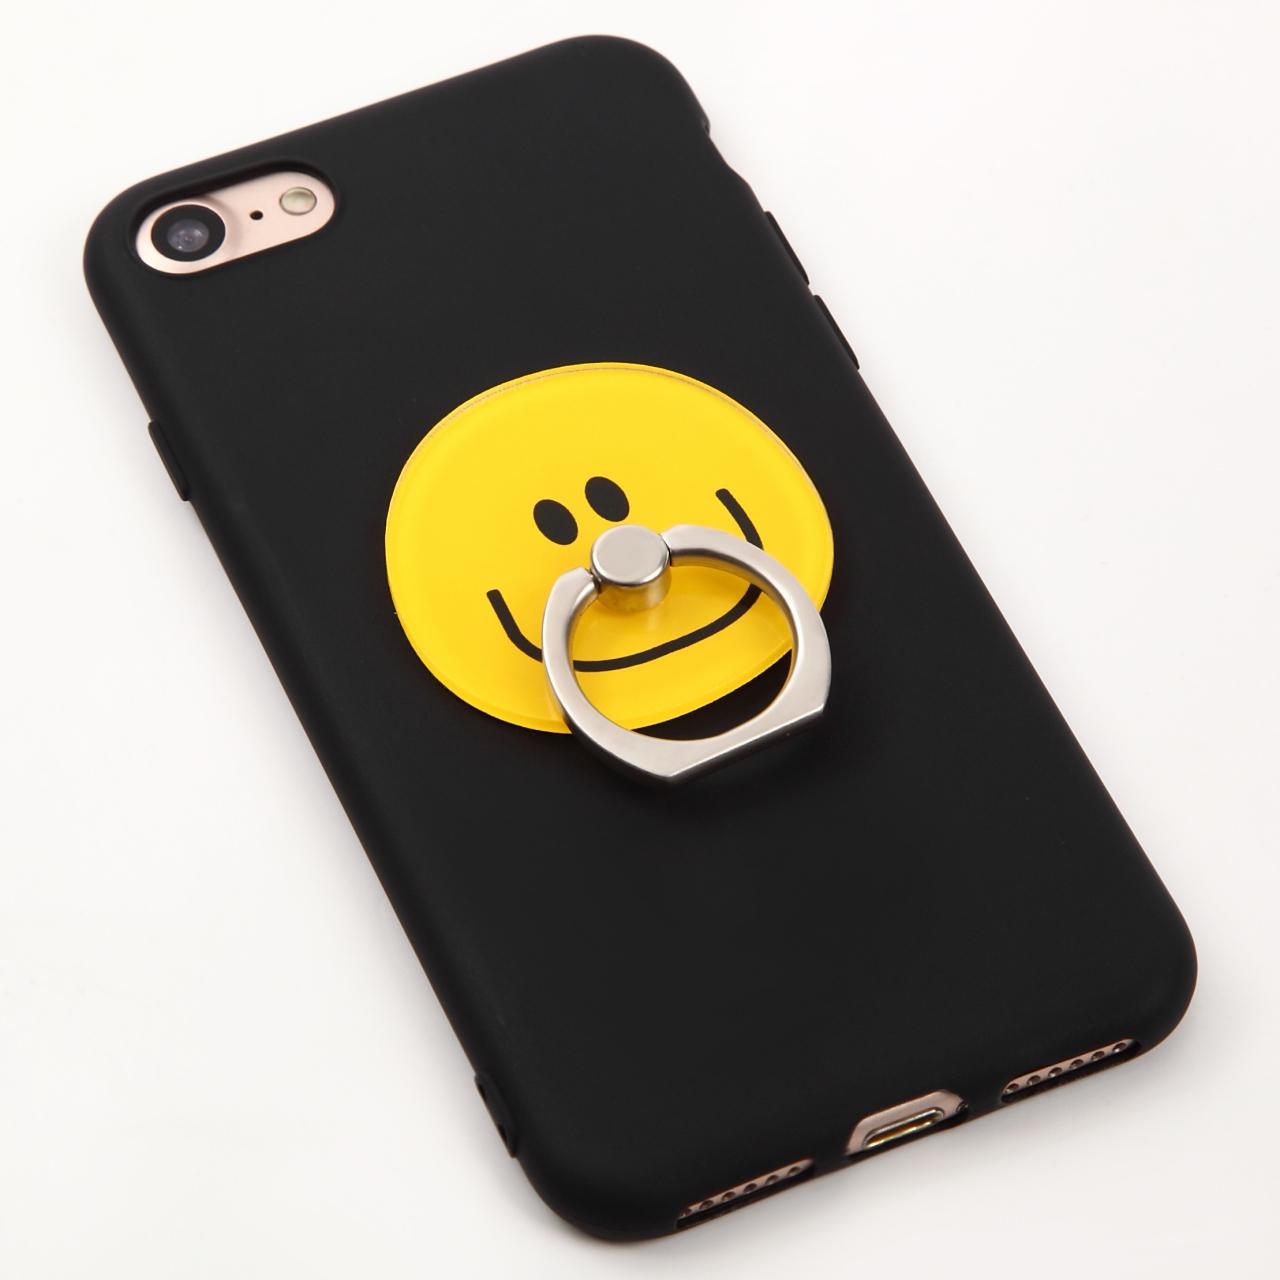 【即納★送料無料】ブラックソフトケース かわいいスマイル バンカーリング付 iPhoneケース